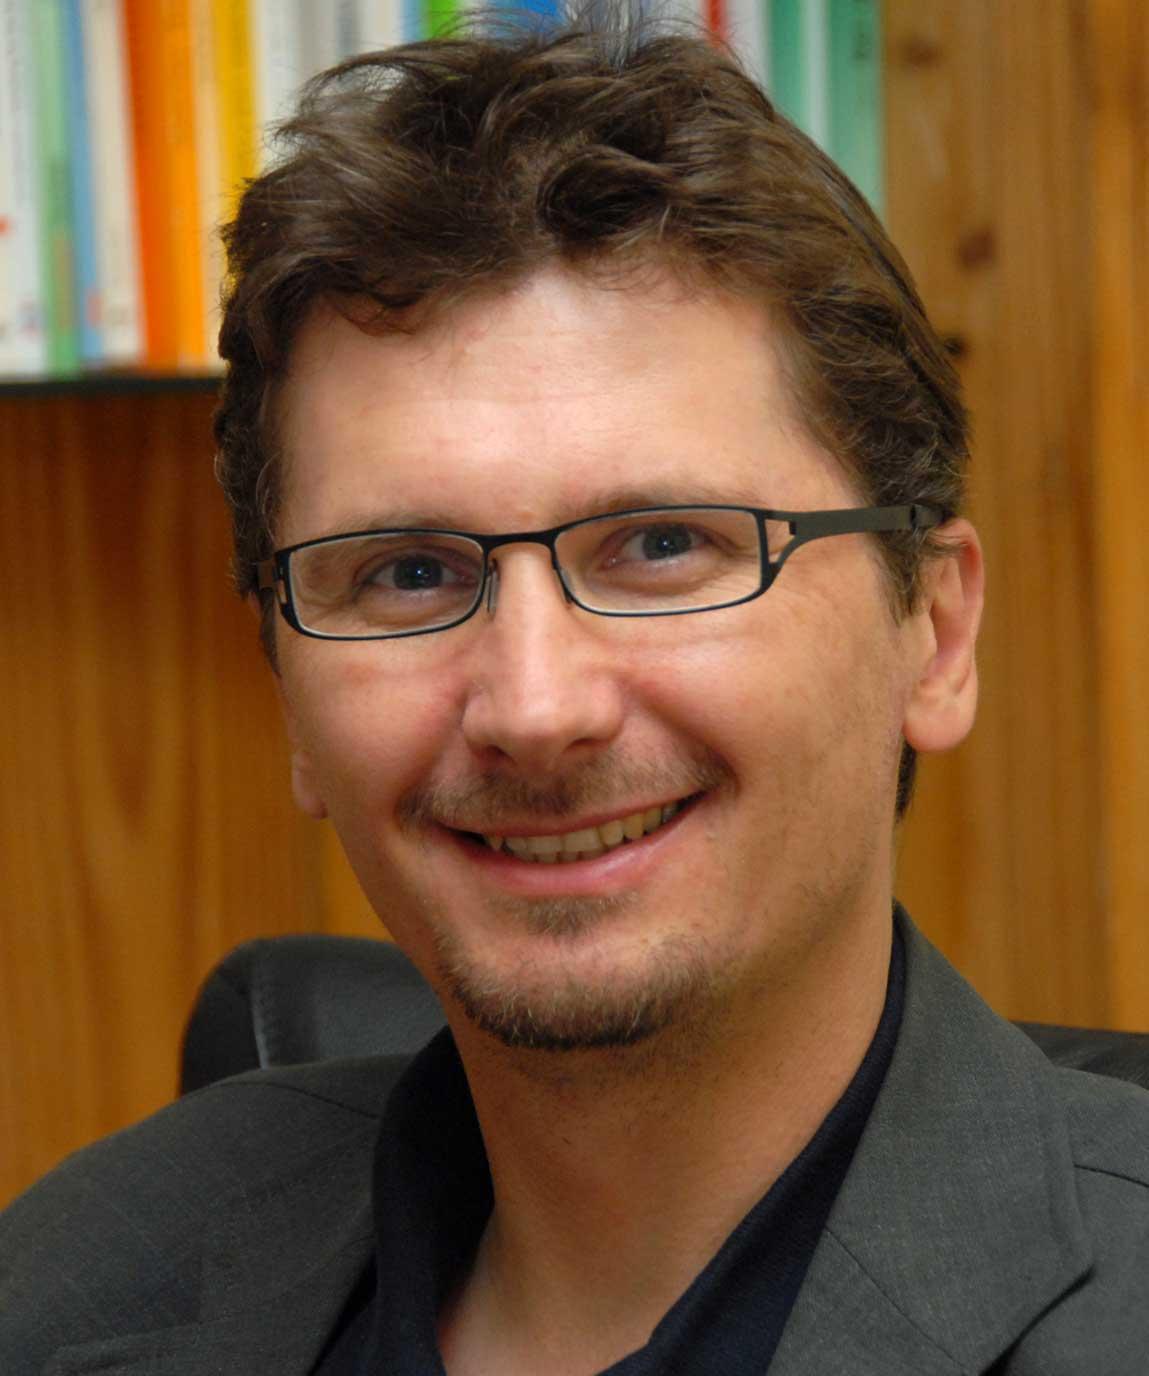 Dipl.-Psych. Dr.phil. Jörg Pscherer